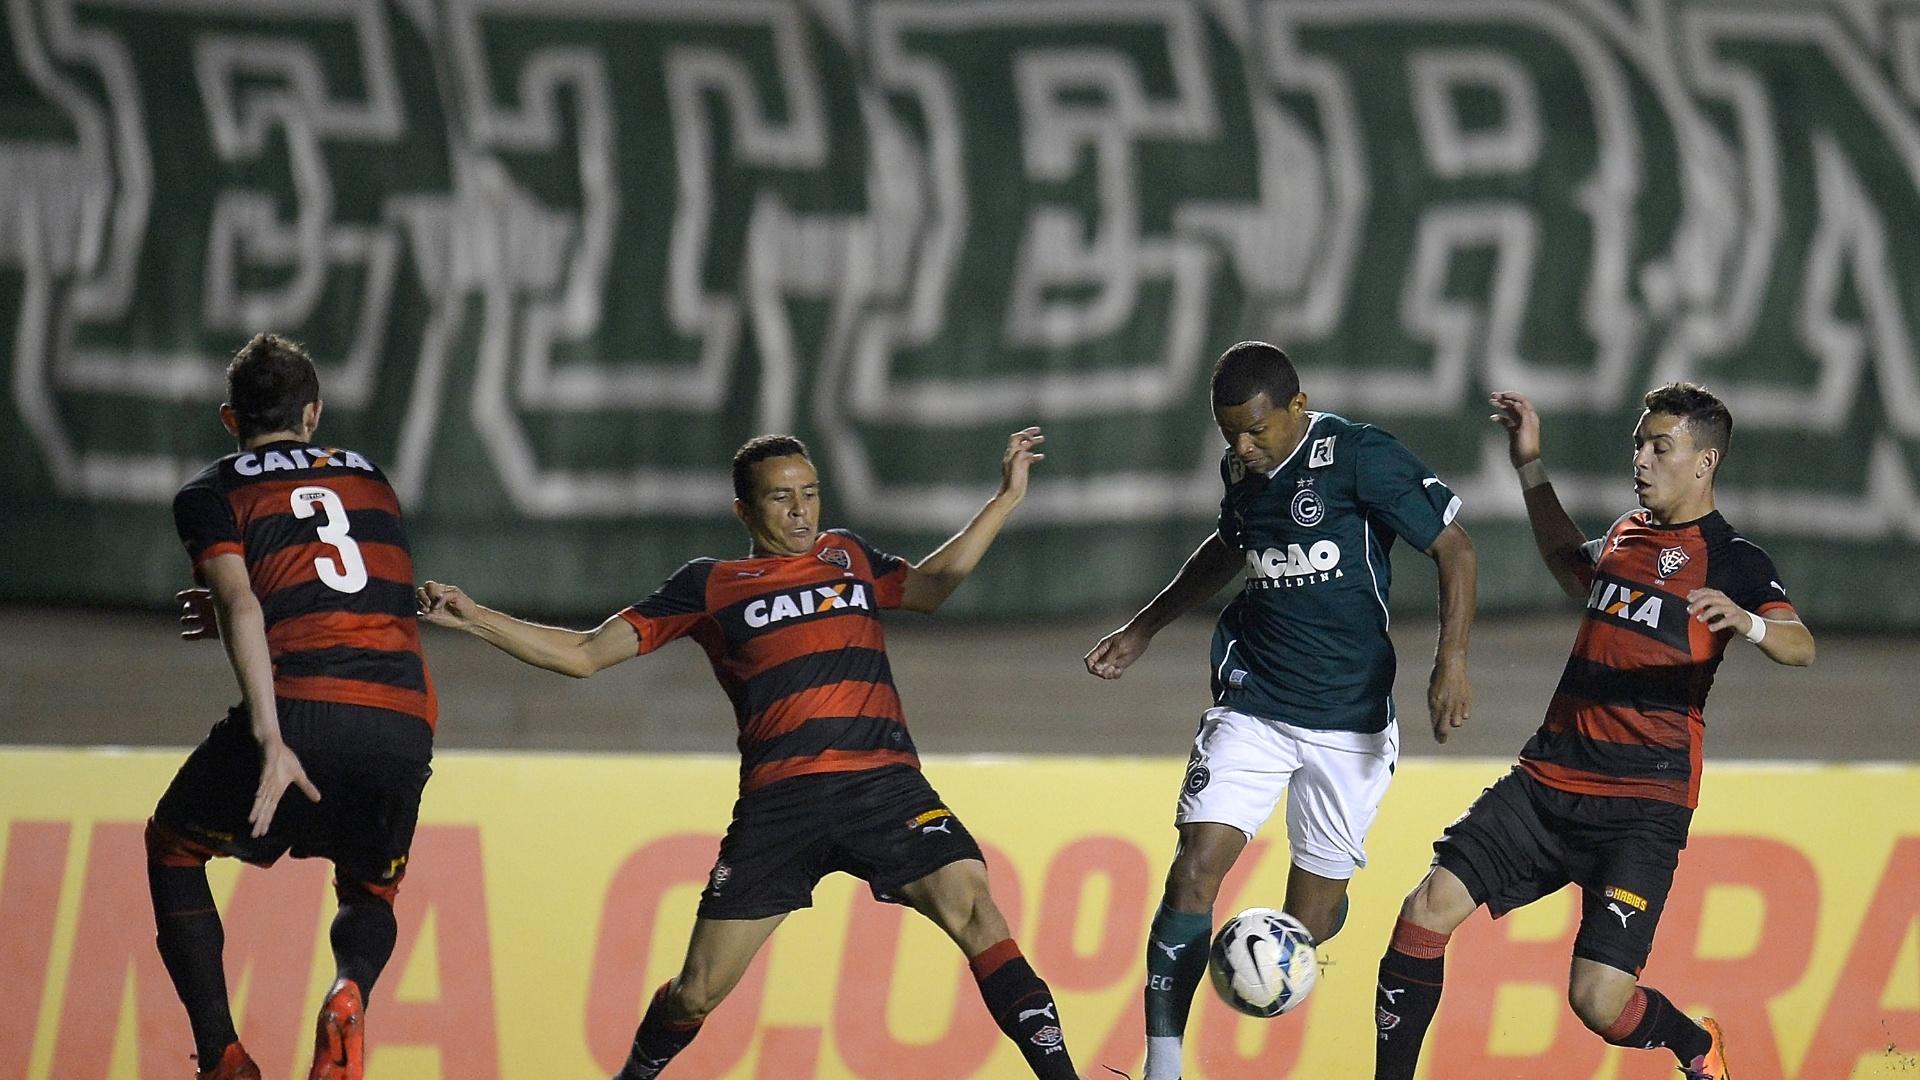 28.mai.2014 - Vitor, do Goiás, passa entre dois jogadores do Vitória no duelo no Serra Dourada